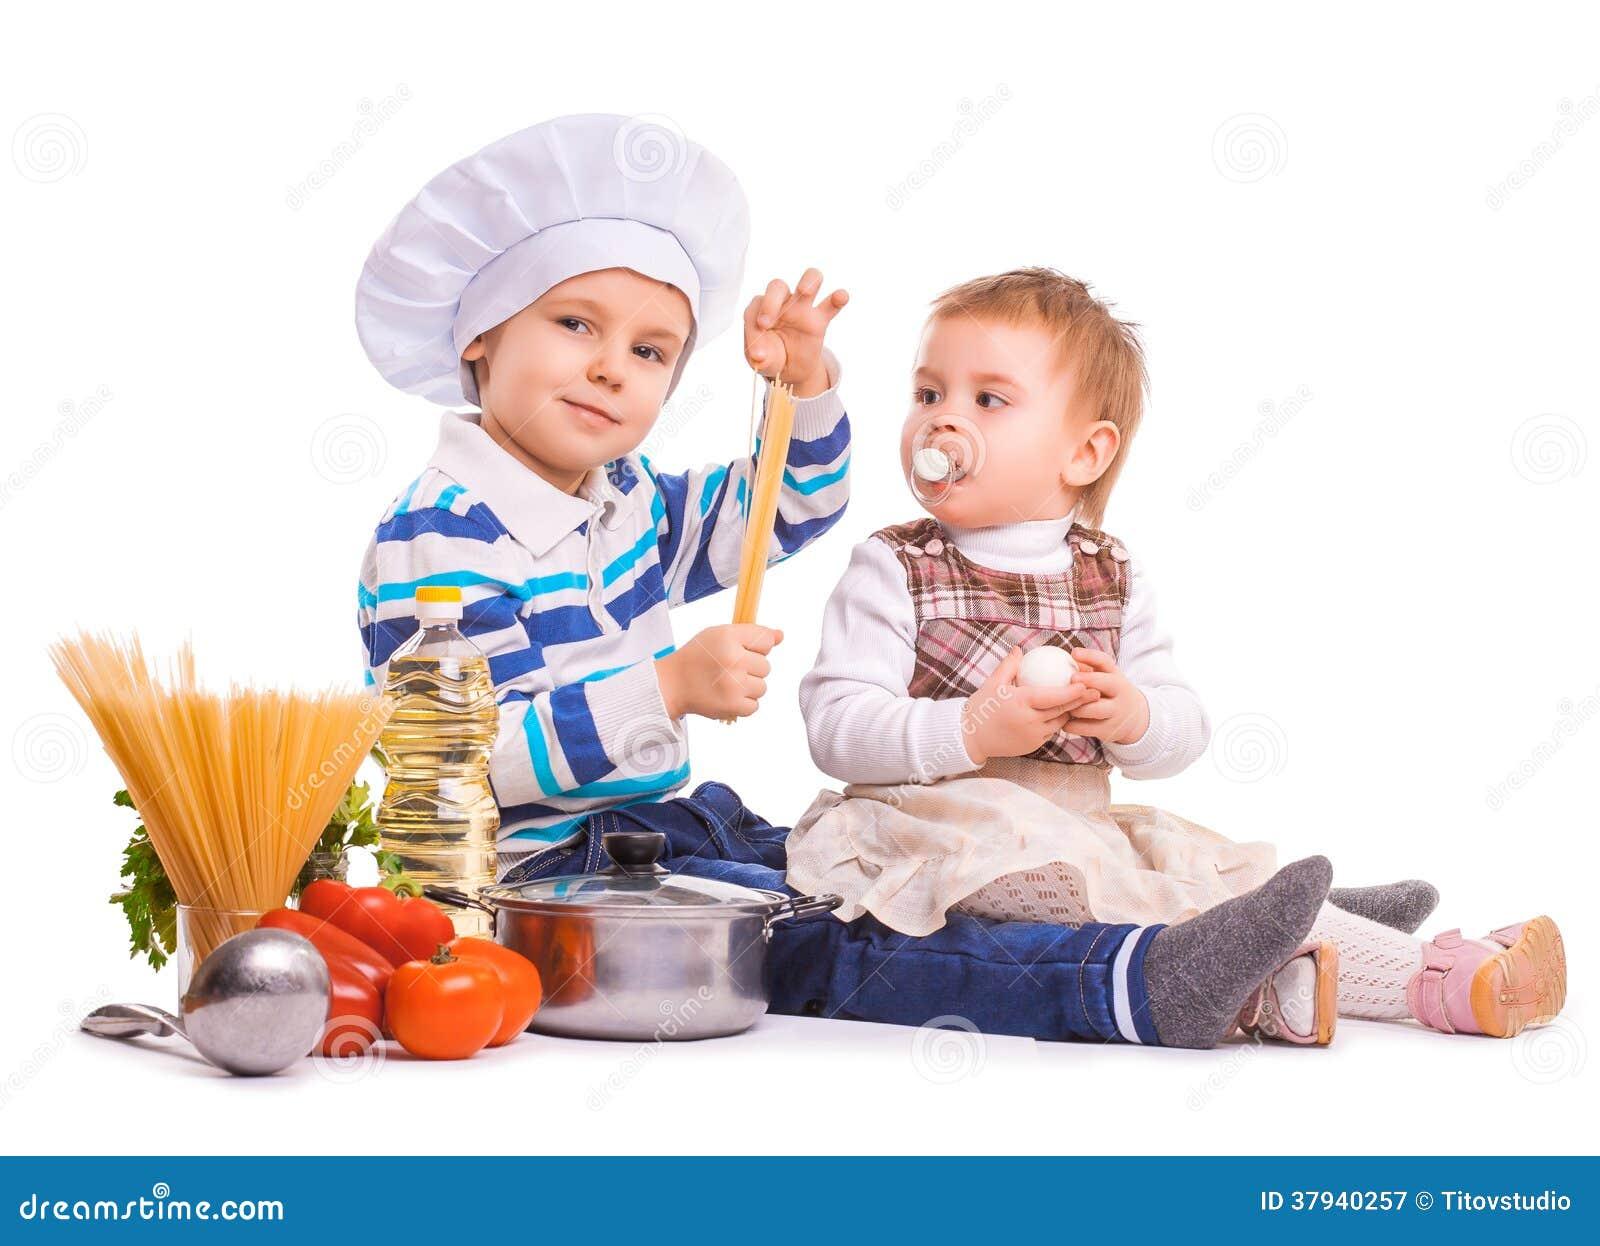 lustige kinder kochen auf der k che lokalisiert lizenzfreie stockfotografie bild 37940257. Black Bedroom Furniture Sets. Home Design Ideas